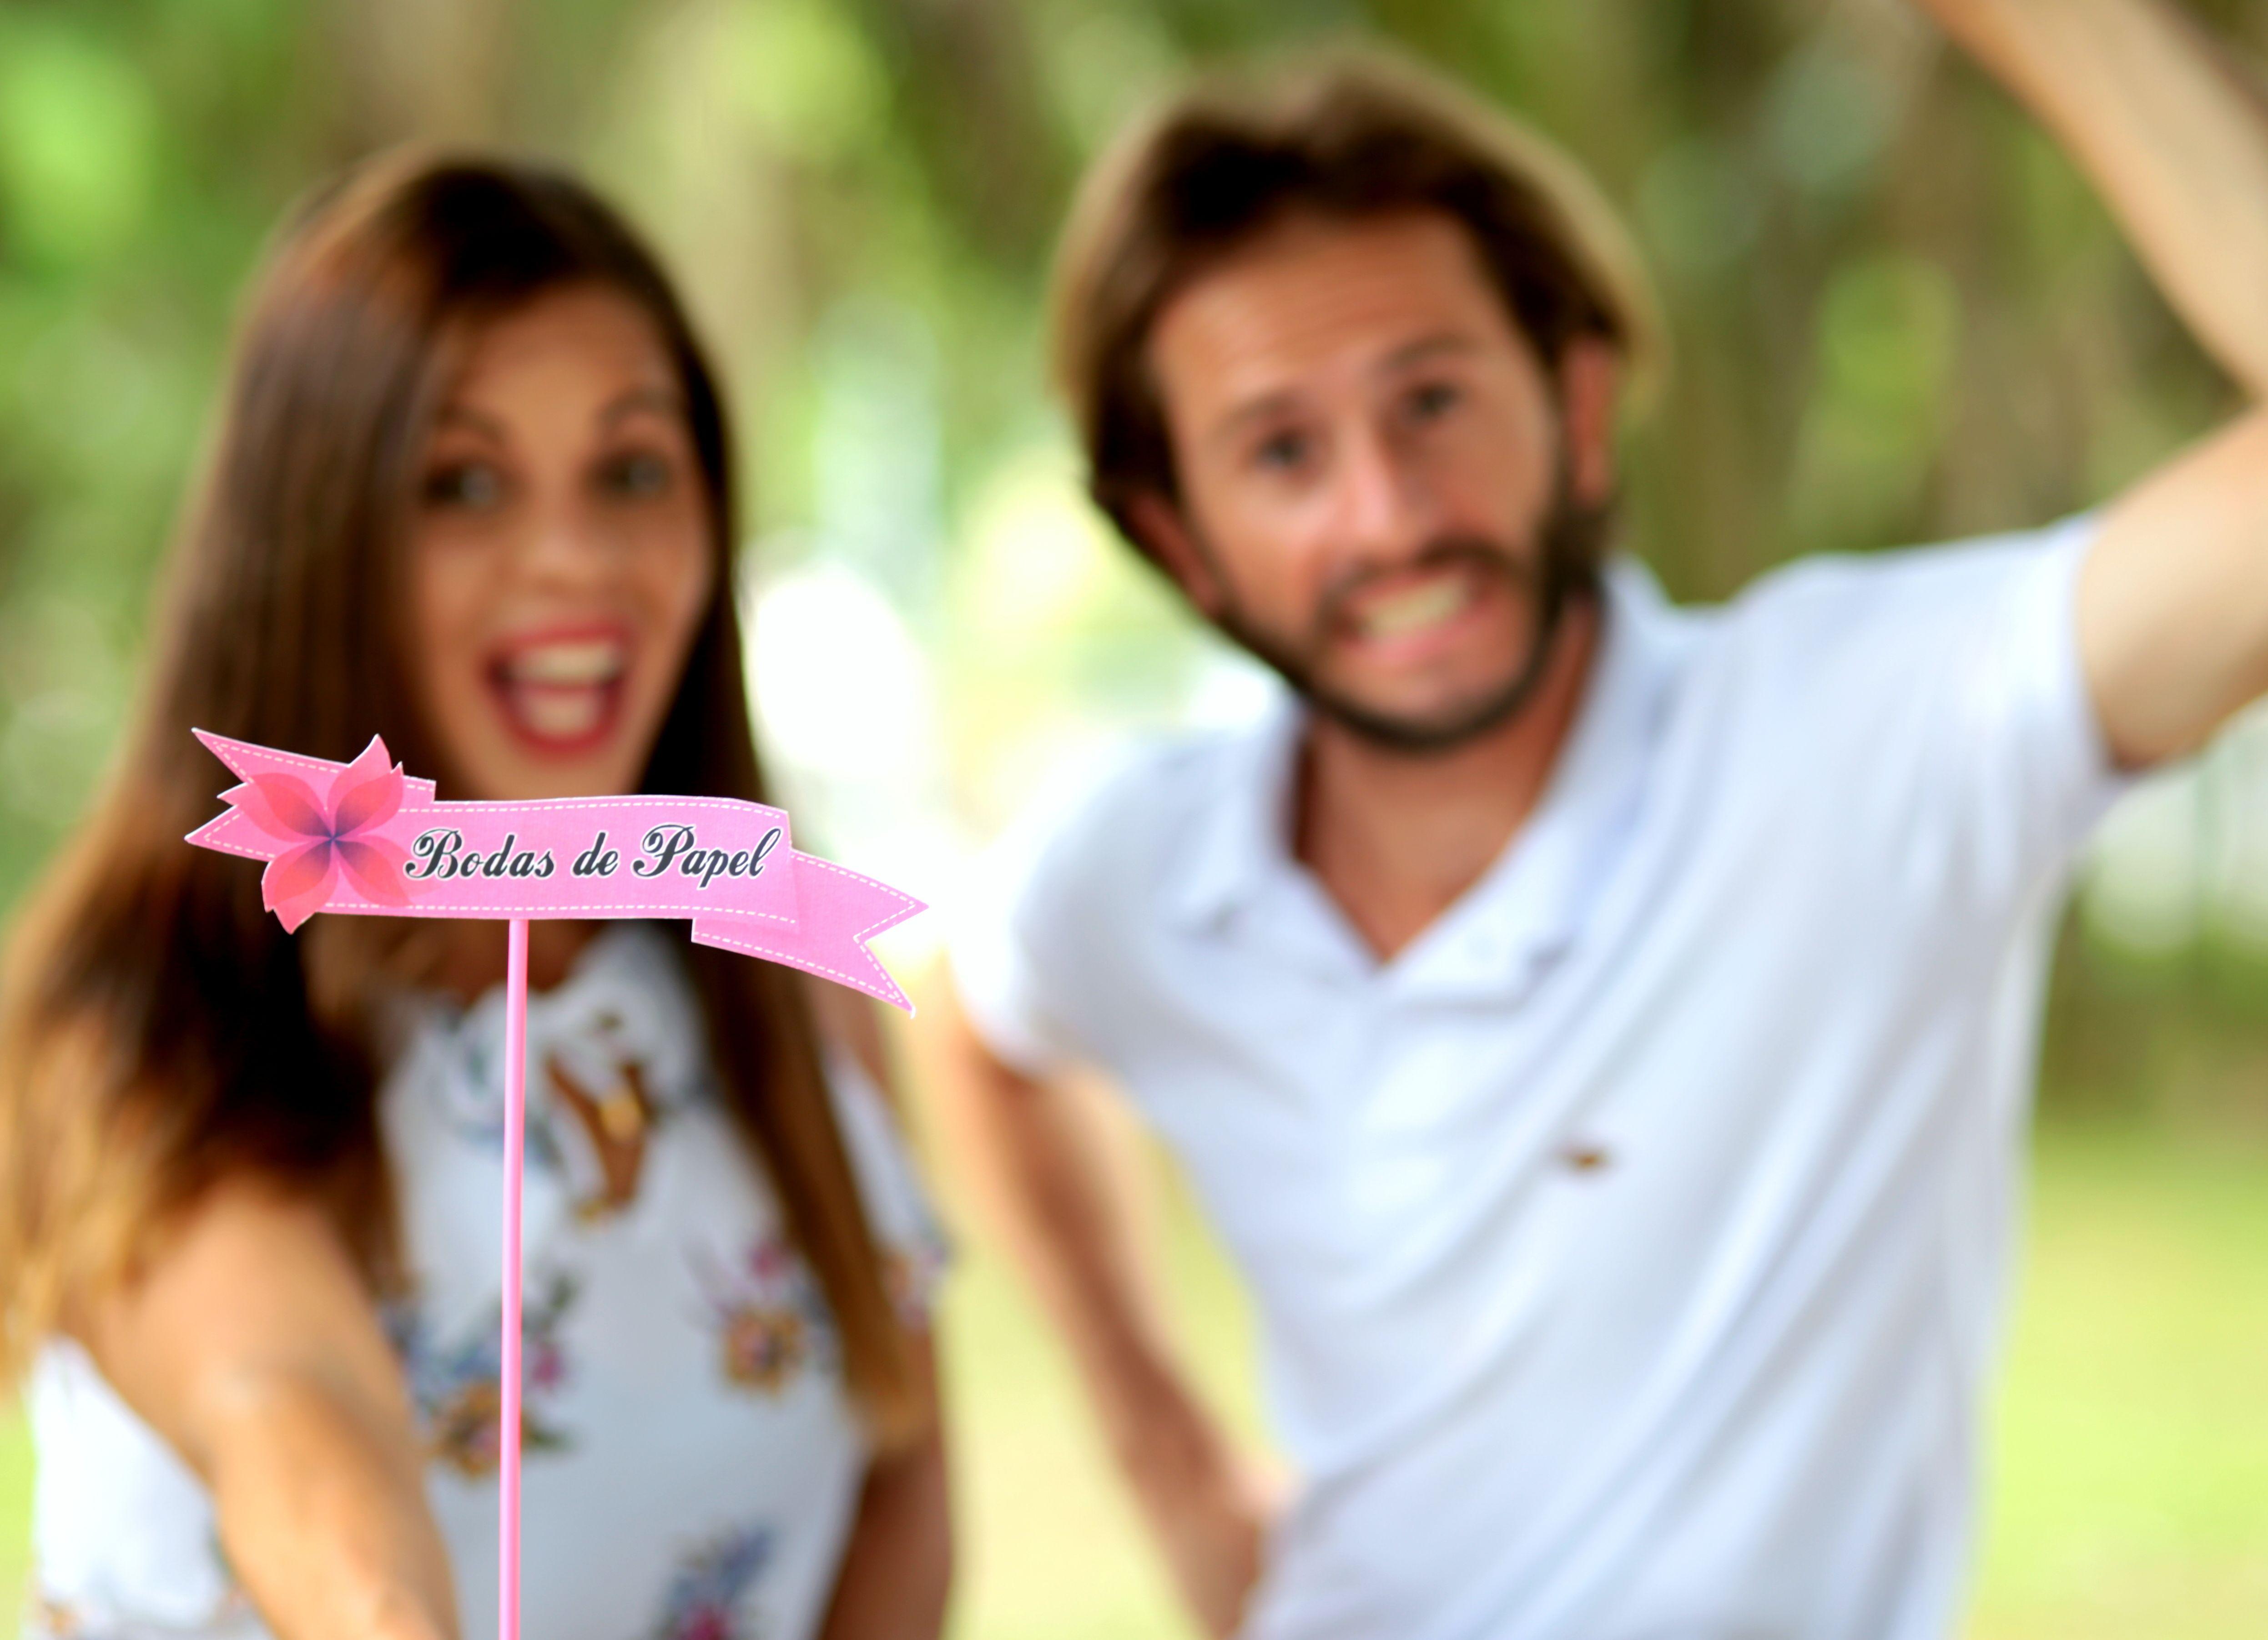 Pin Em Bodas De Papel 1 Ano Casados